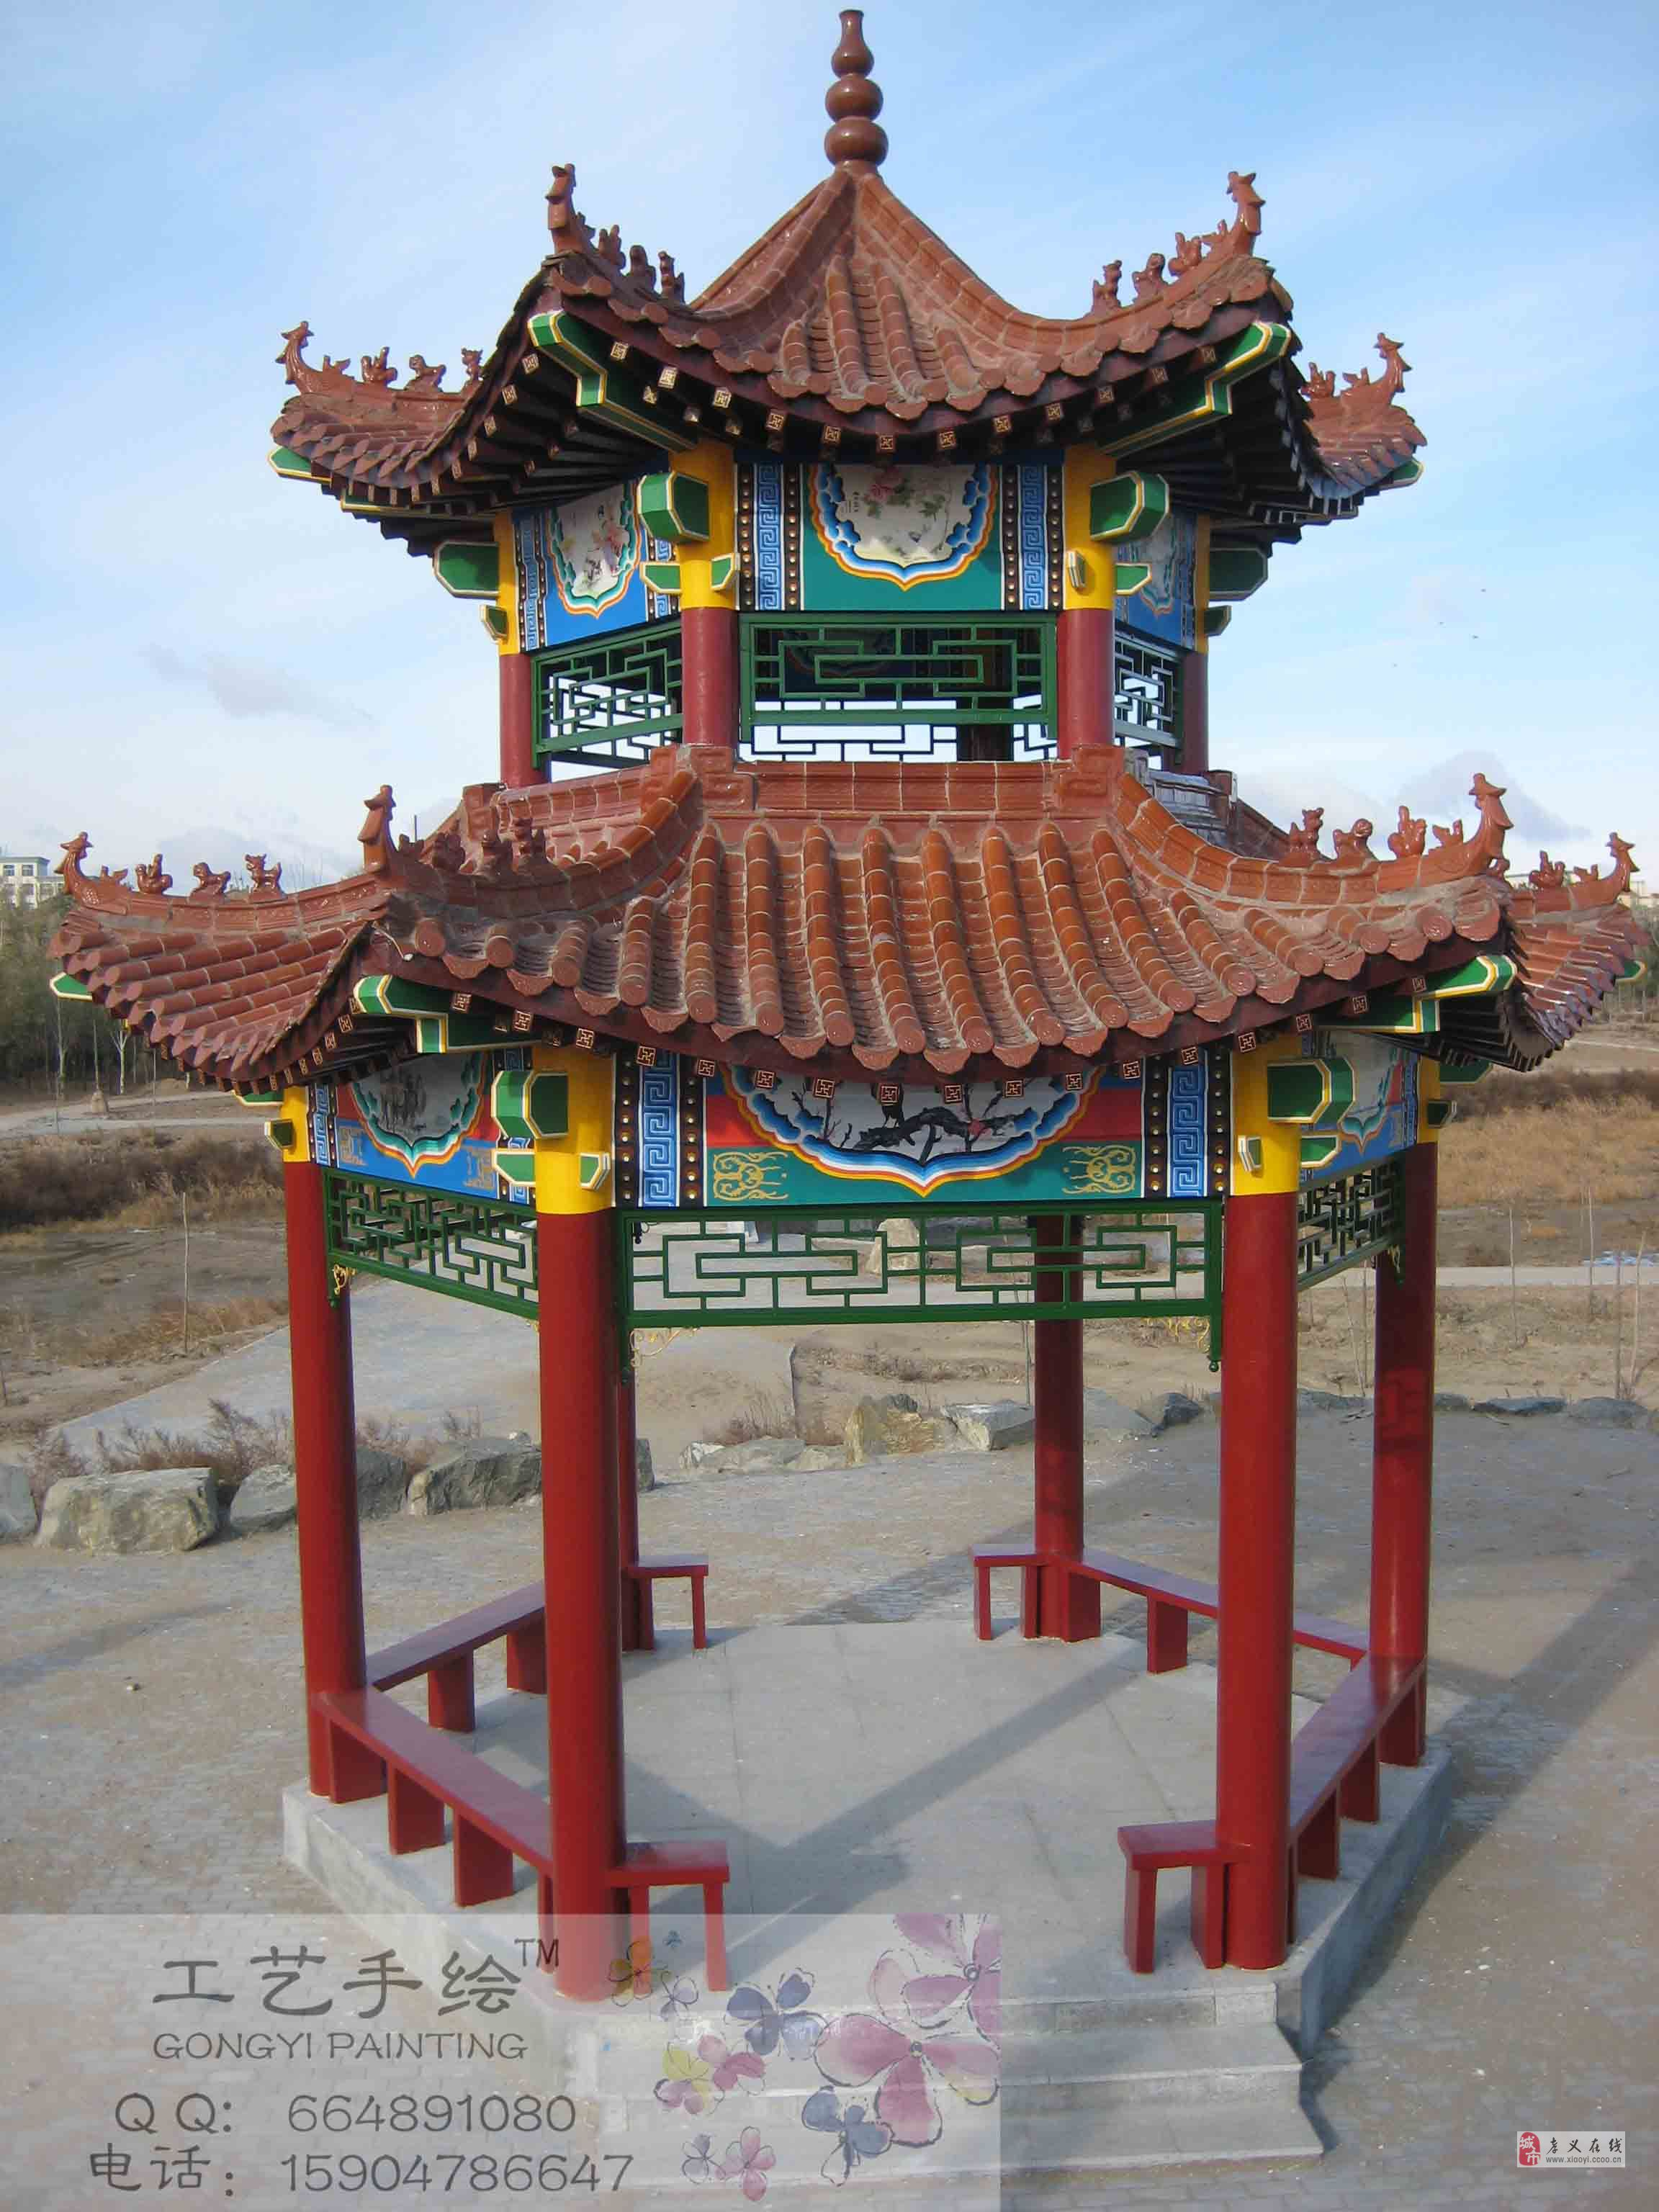 孝义古建筑彩绘,寺庙彩绘,牌楼亭台彩绘,室内外彩绘